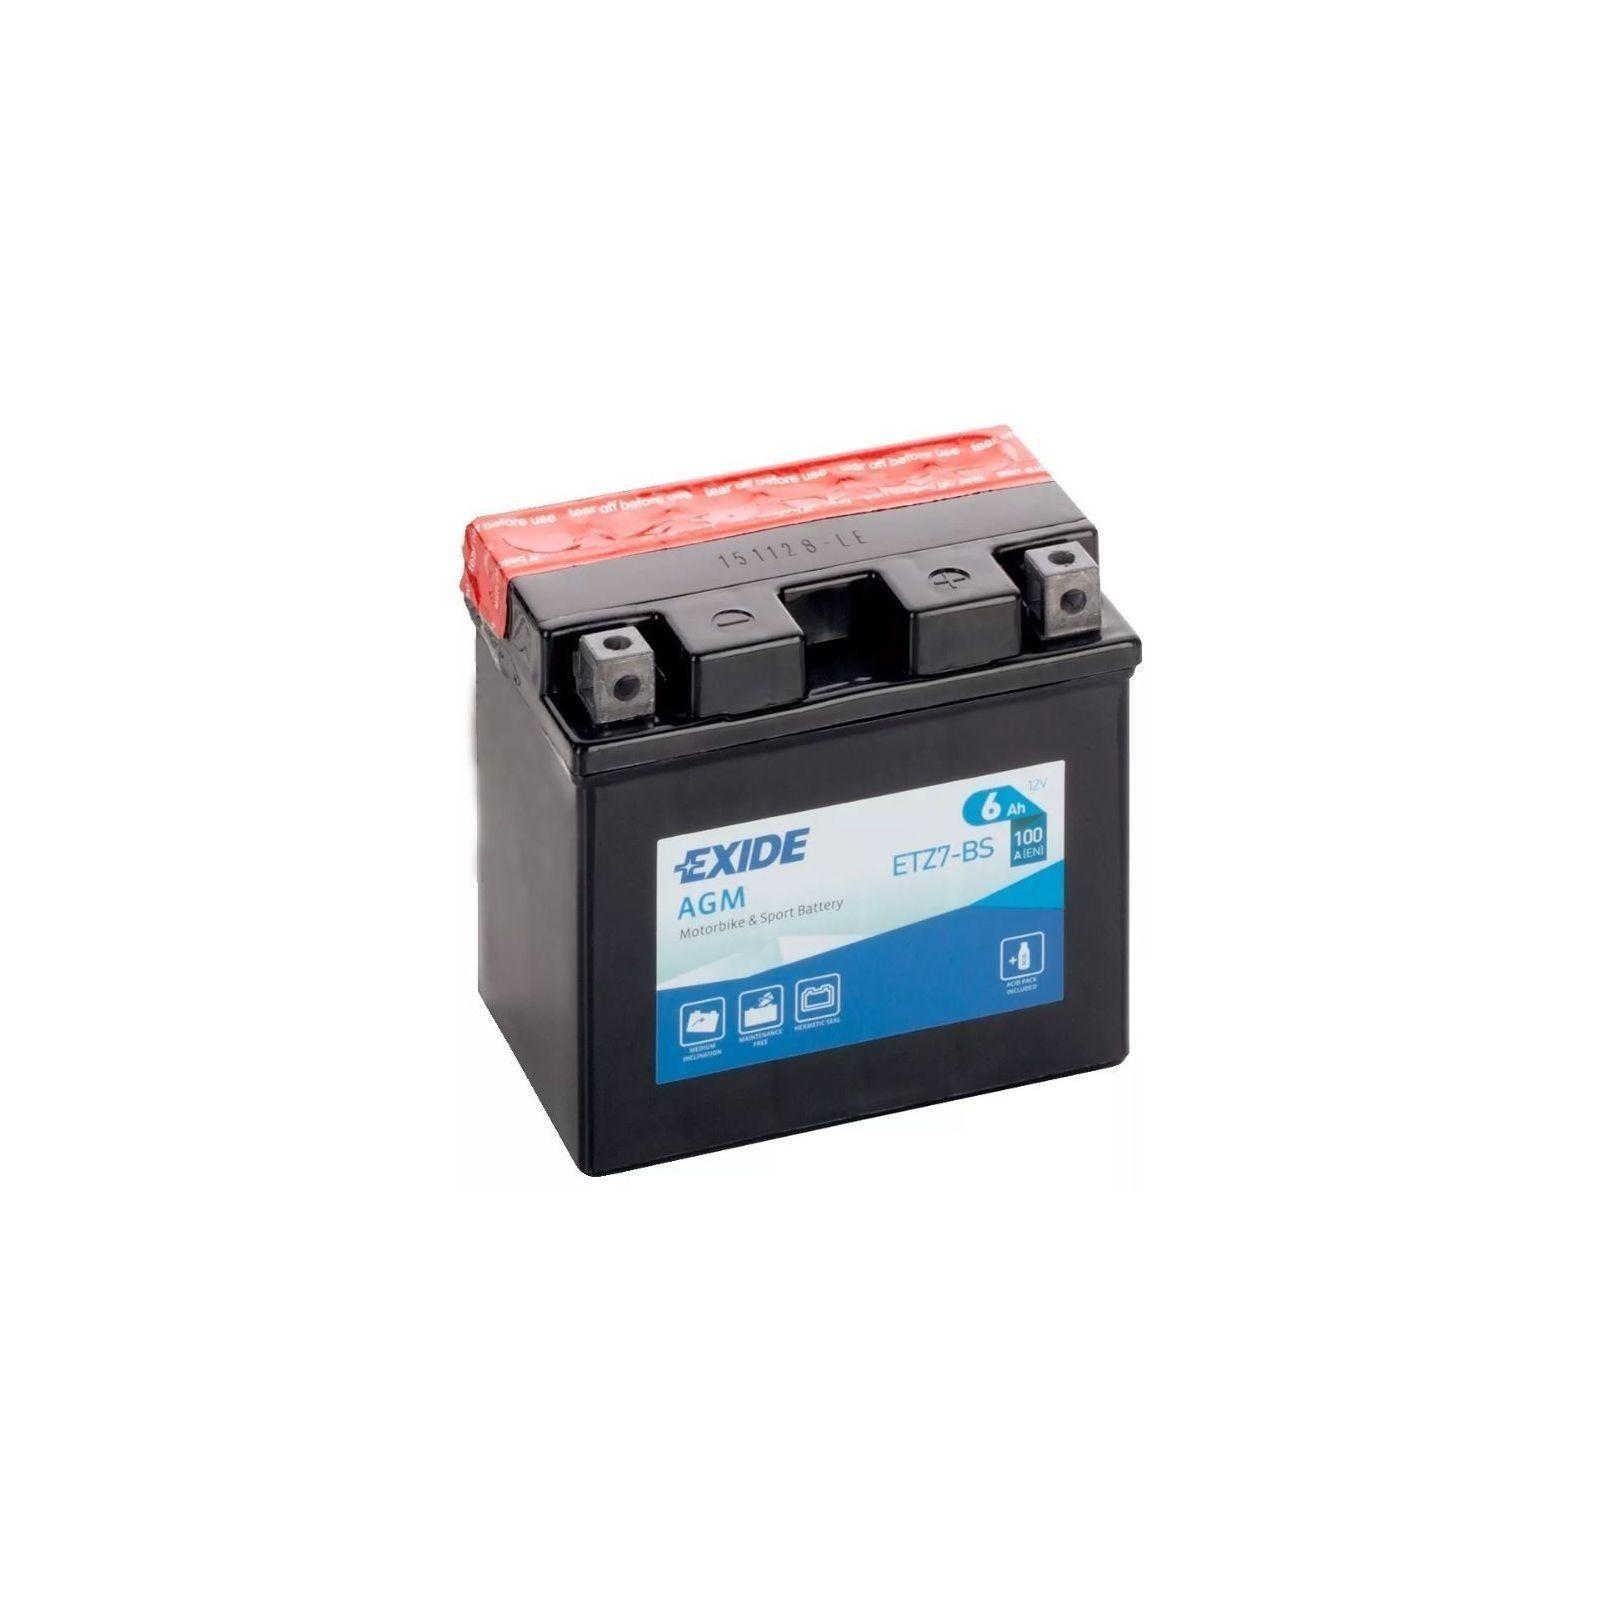 Batería Exide ETZ7-BS Bike 12V Agm EXIDE - 1